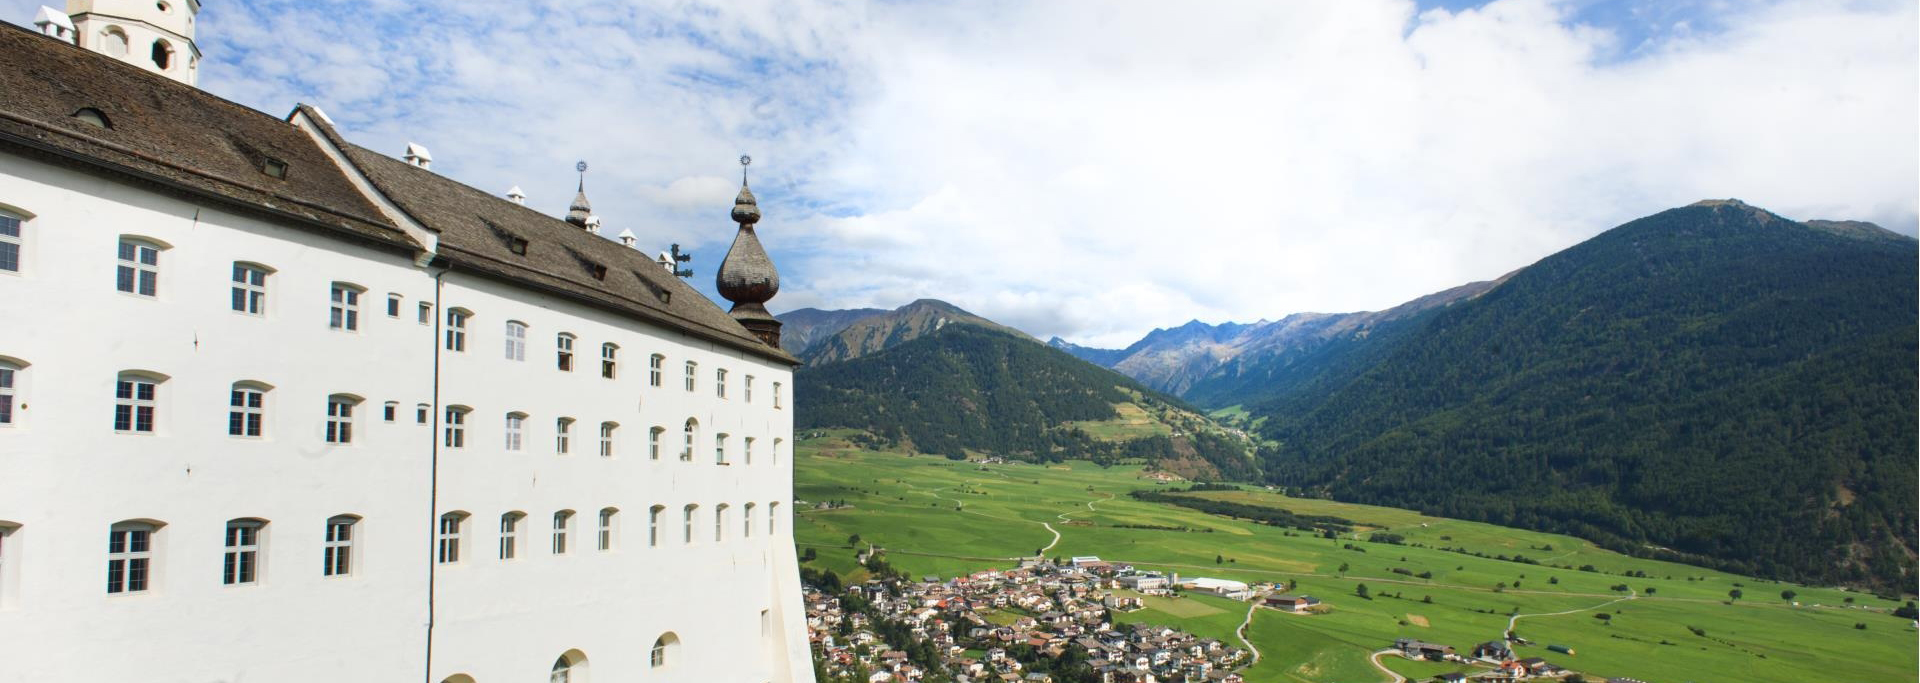 Fahrt: Kloster Marienberg, 10.05. bis 12.05.